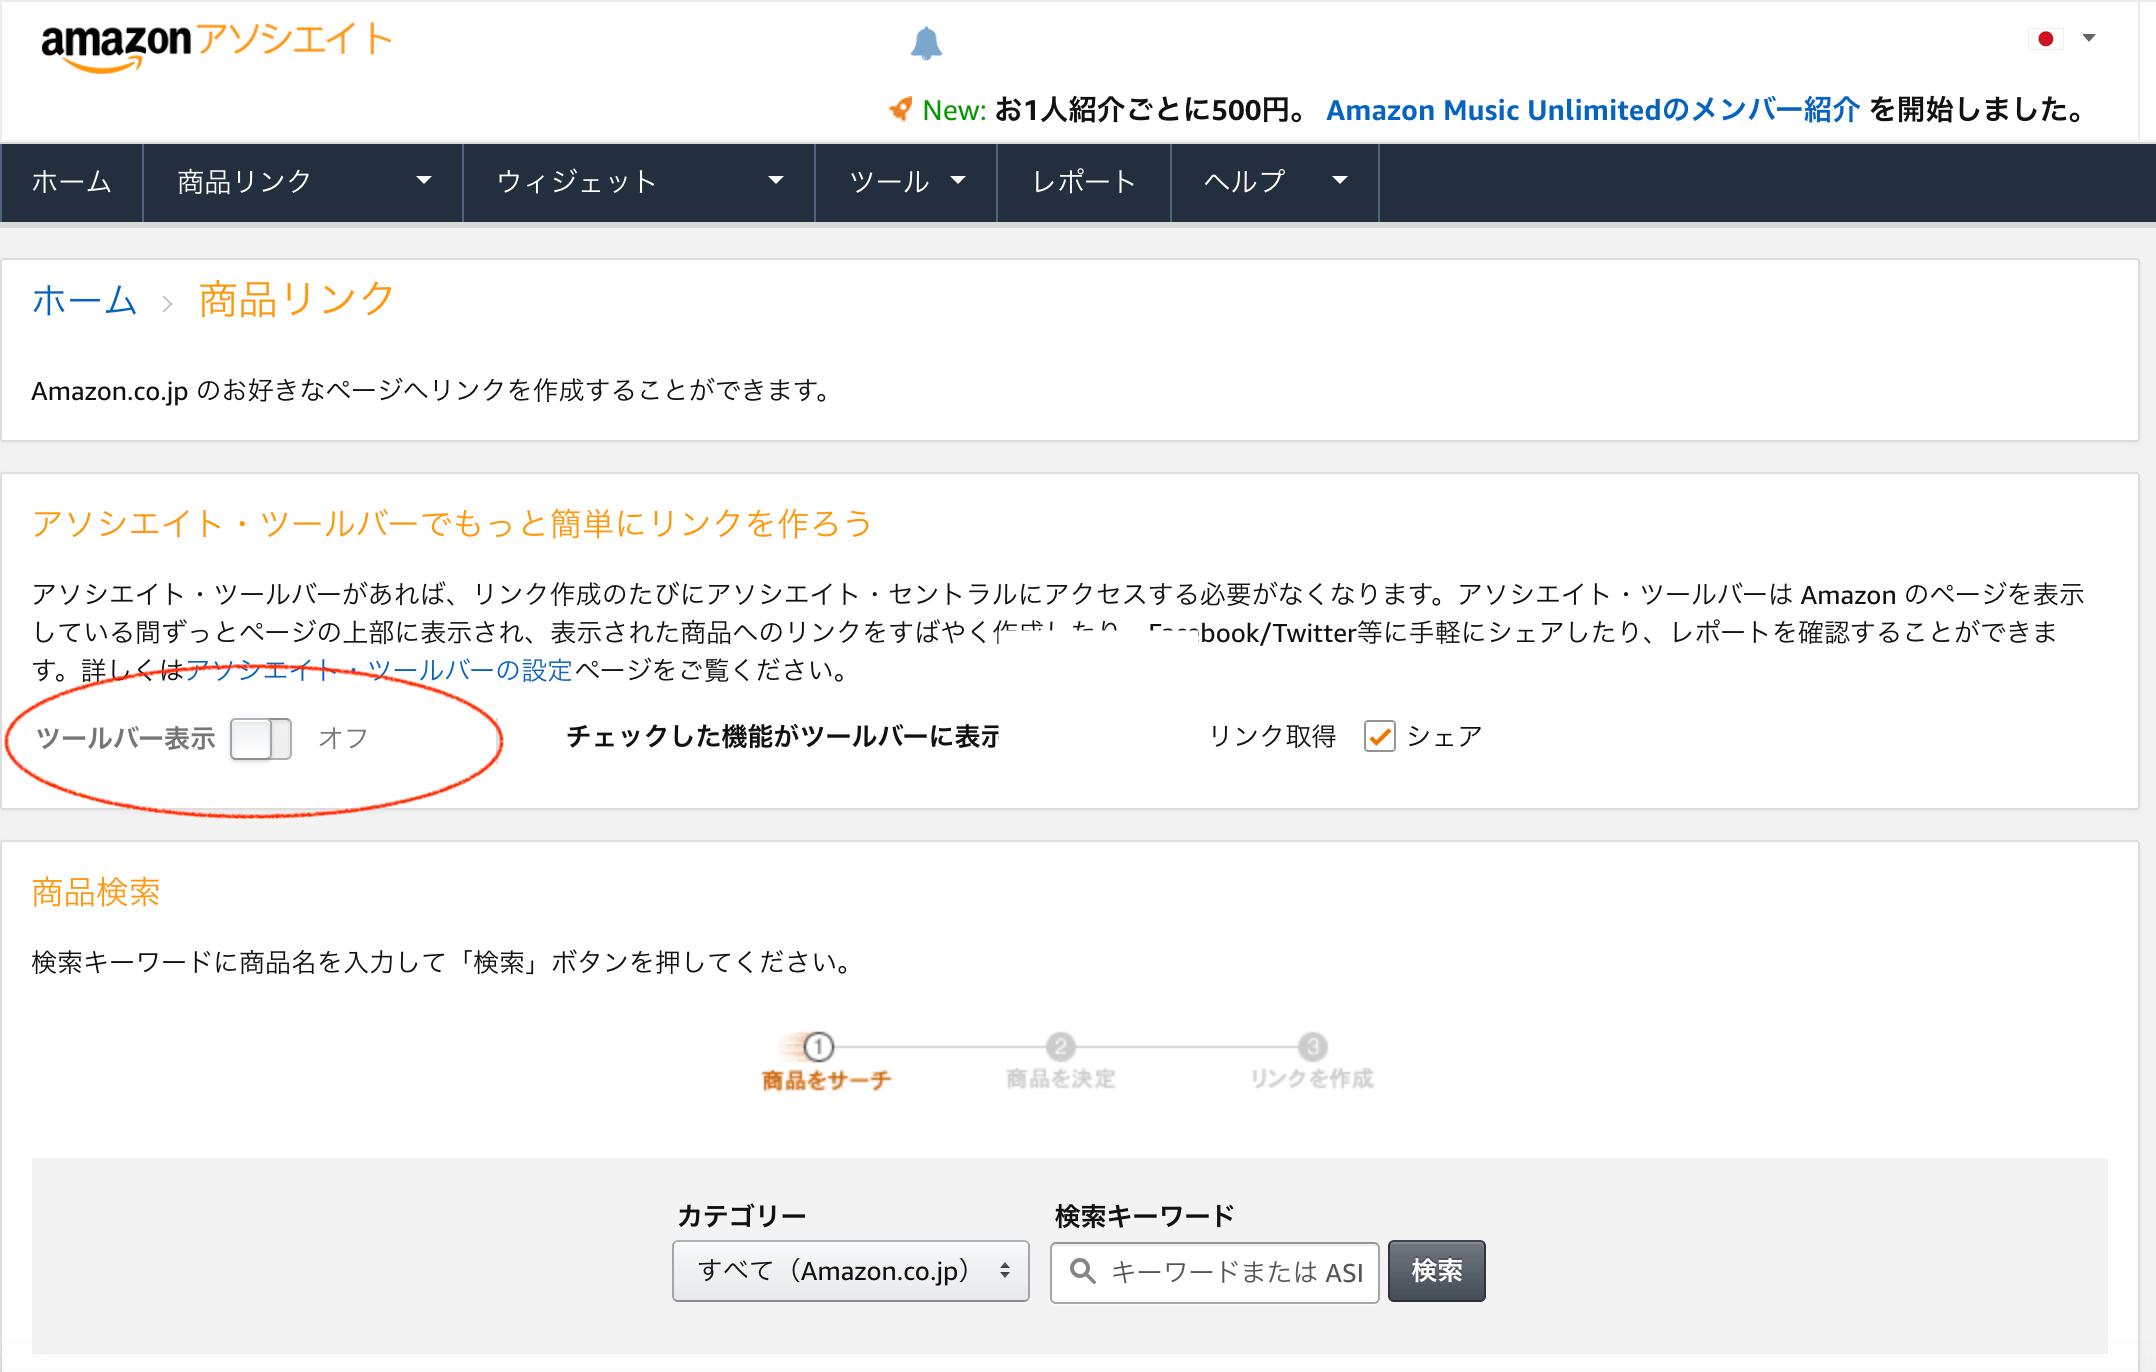 アマゾンアソシエイトのアフィリエイトコードを簡単に取得するためのツールバー設定方法